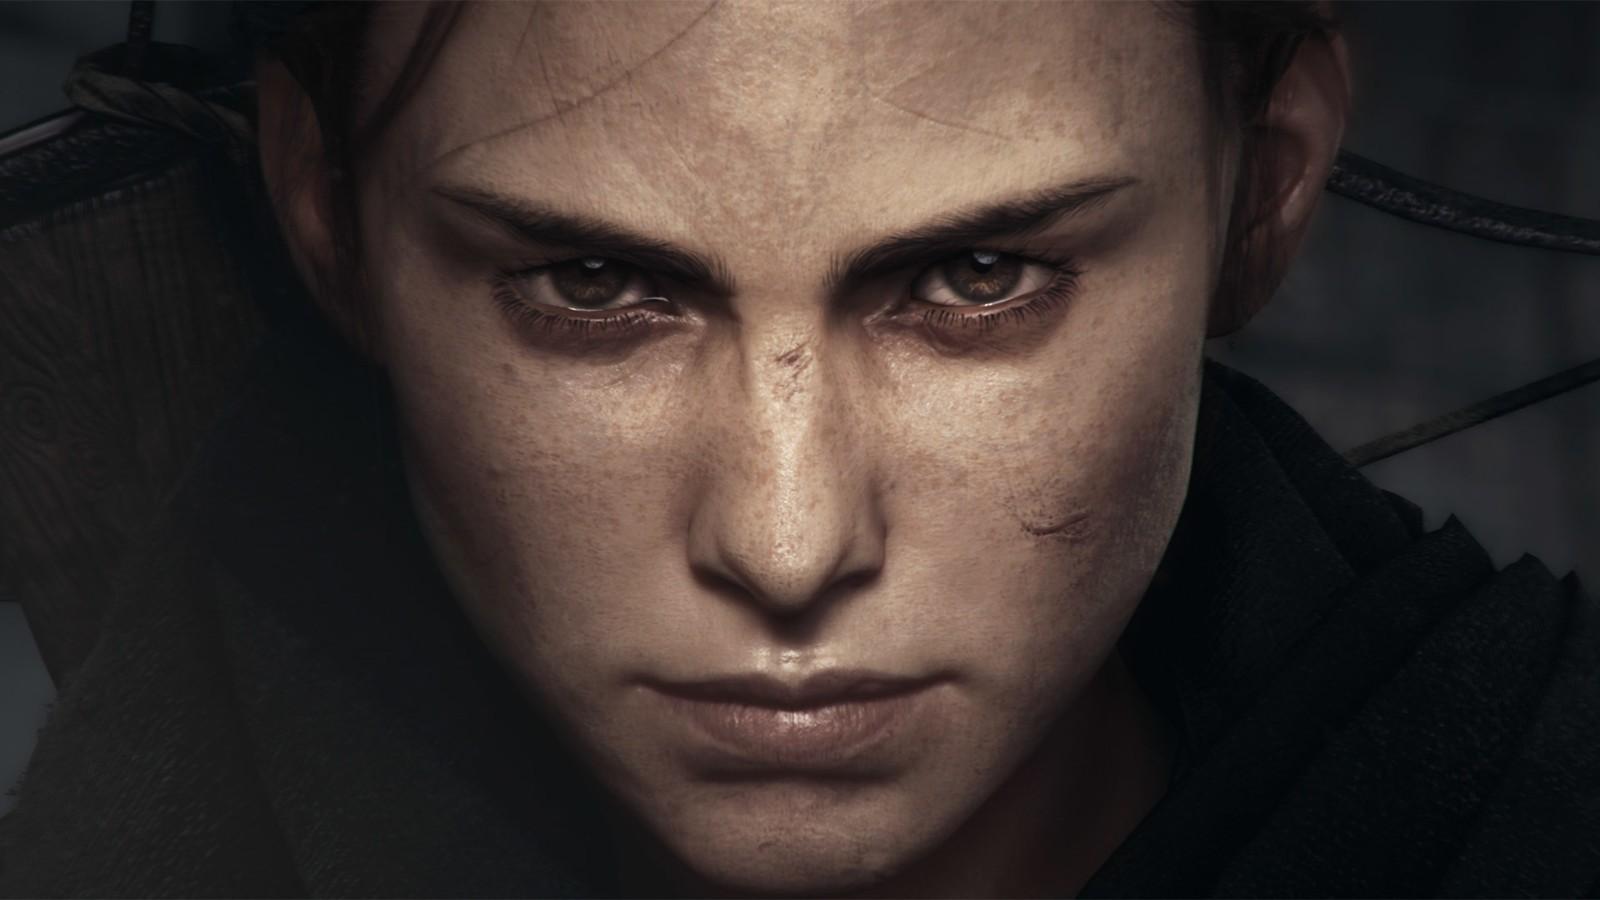 《瘟疫传说:安魂曲》上架Steam商店 公布了首批截图 游戏资讯 第3张